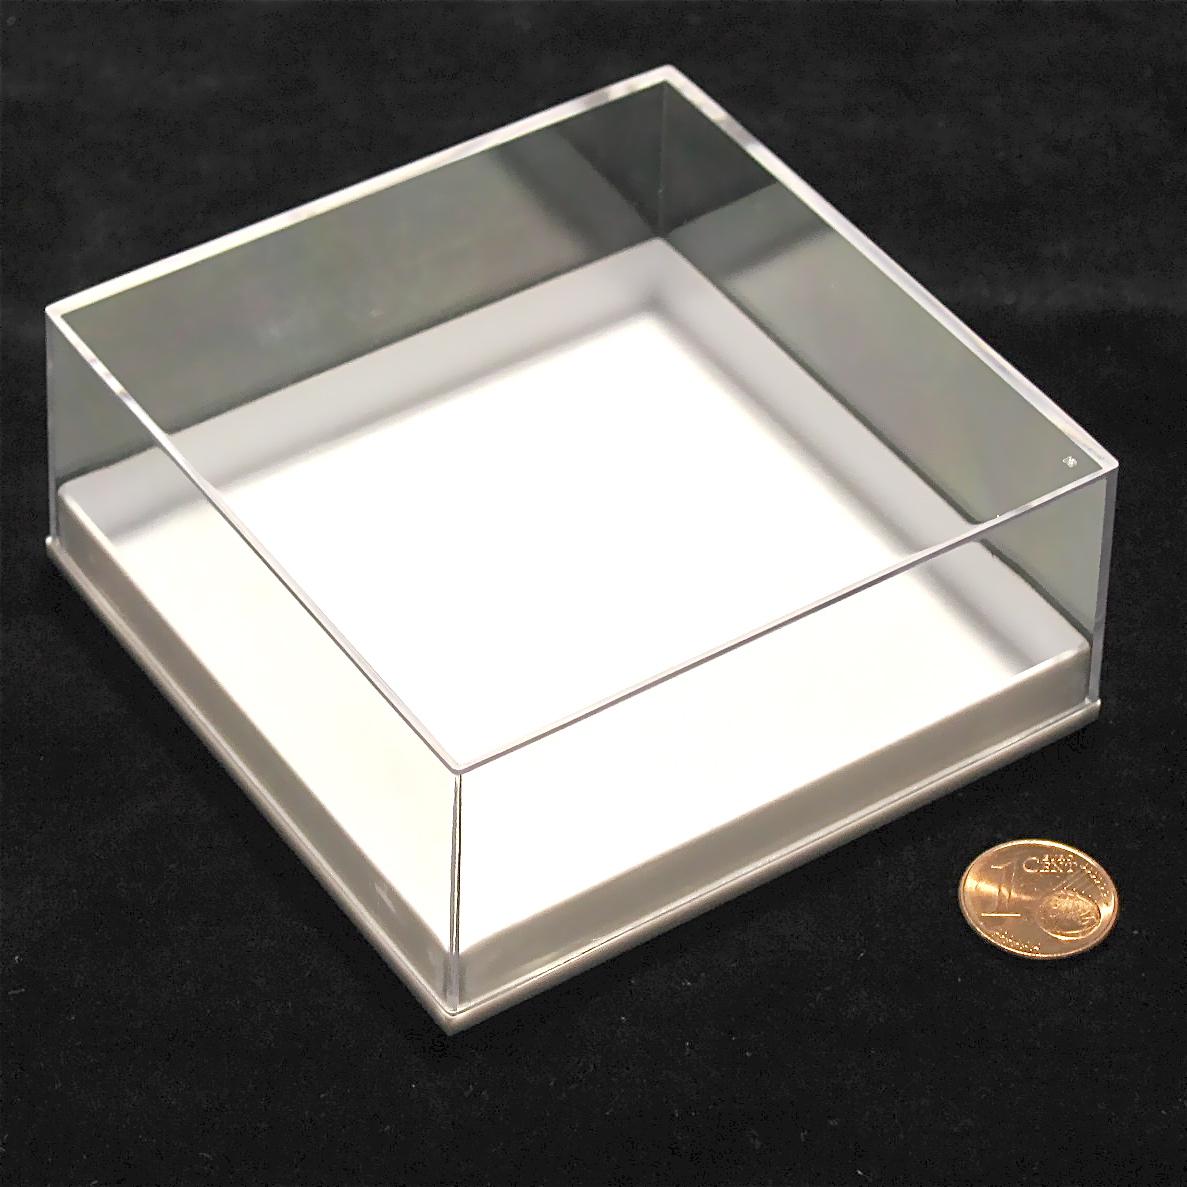 klarsichtdose 81x81x36mm wei er boden 4stk set. Black Bedroom Furniture Sets. Home Design Ideas